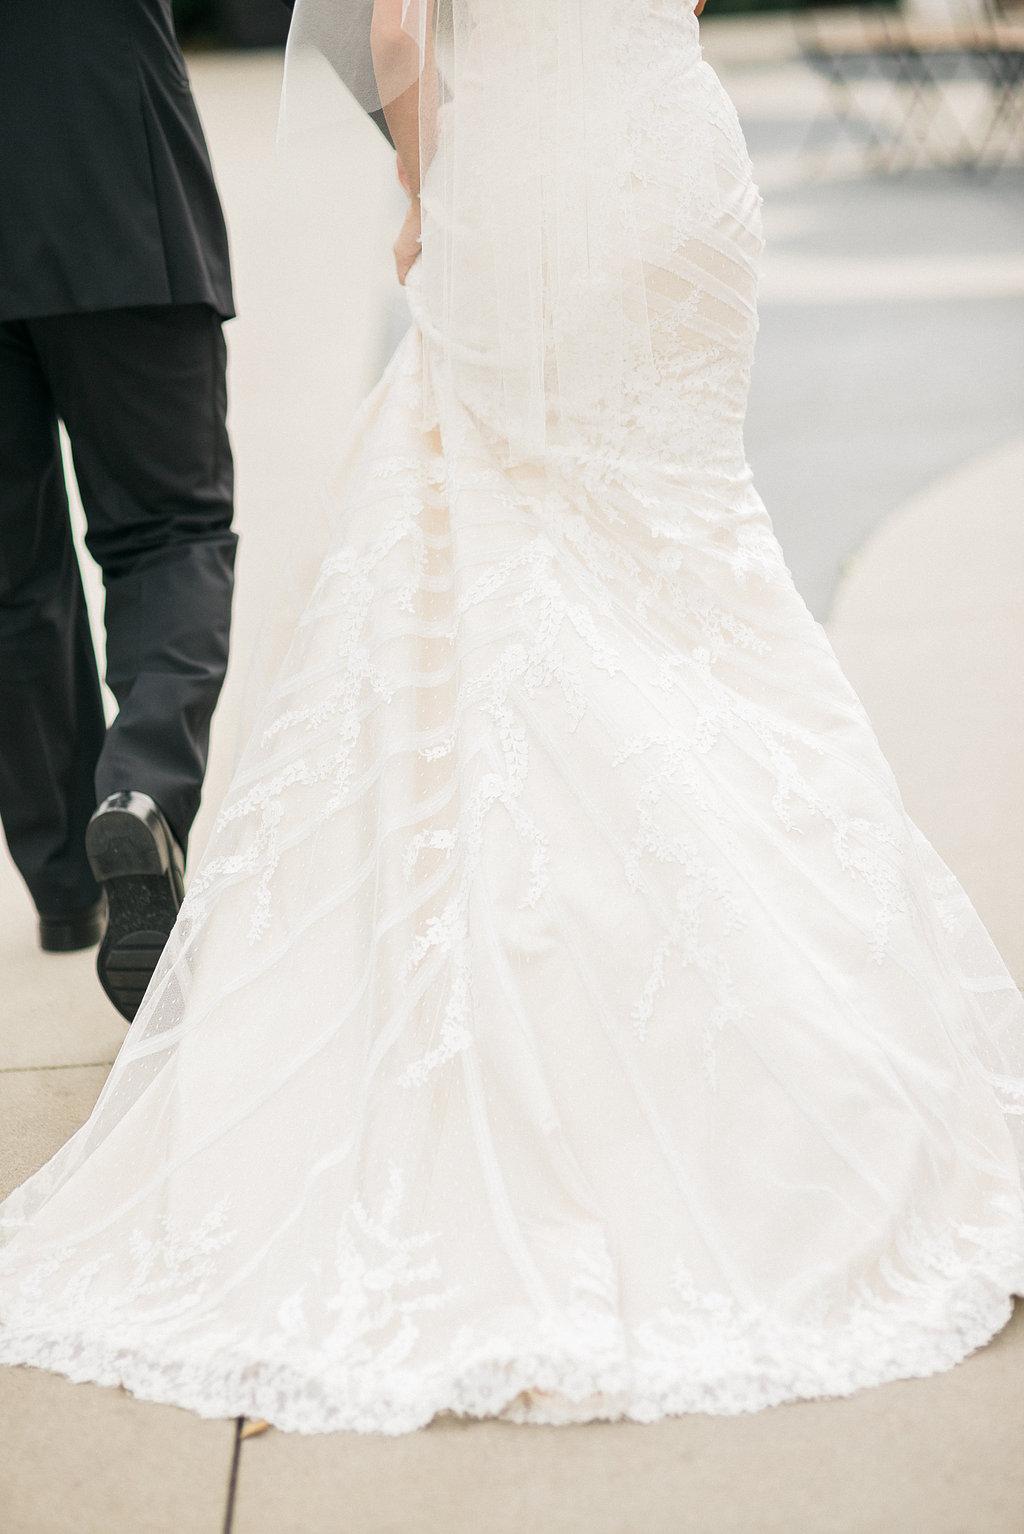 jillianandbrian-wedding-538.jpg